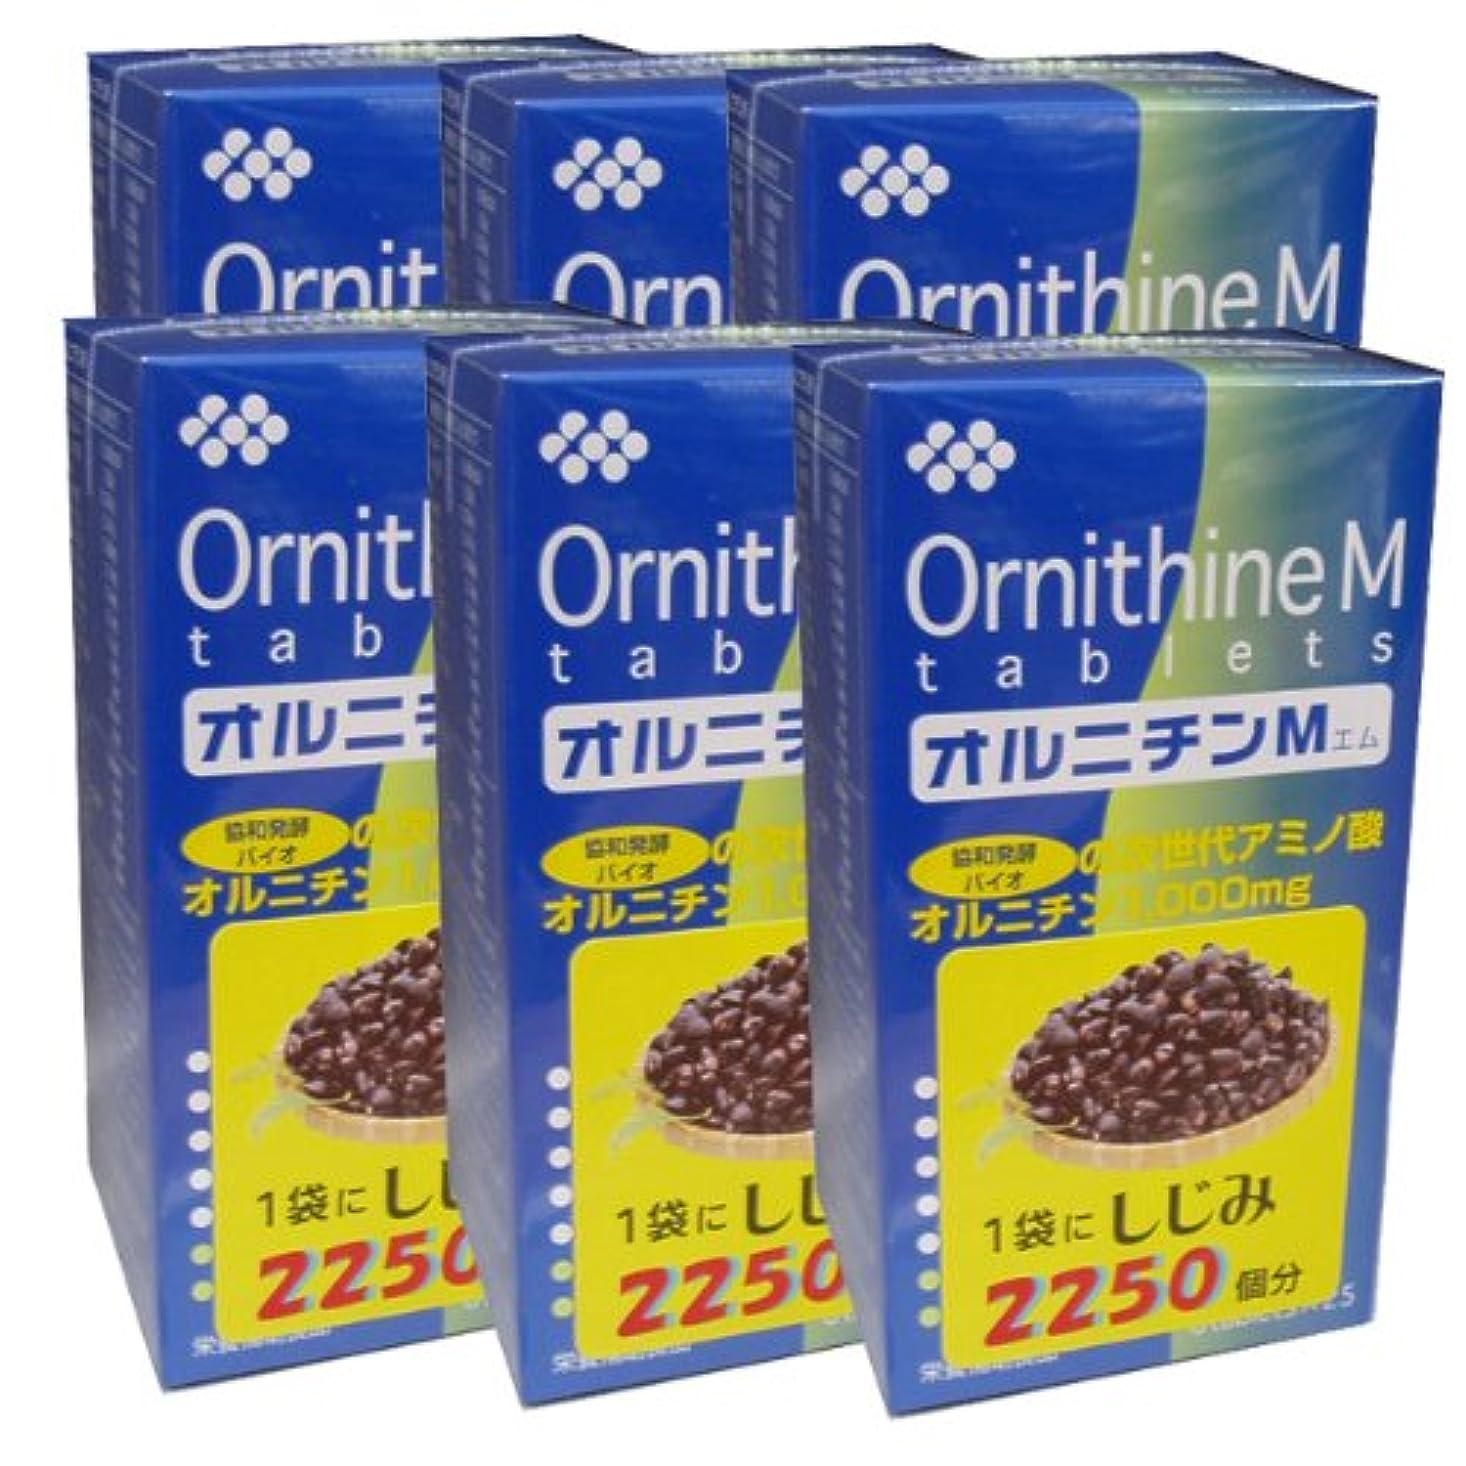 ジョージハンブリー入力注入協和発酵オルニチンM (6粒×25袋)×6個セット 4987097808114